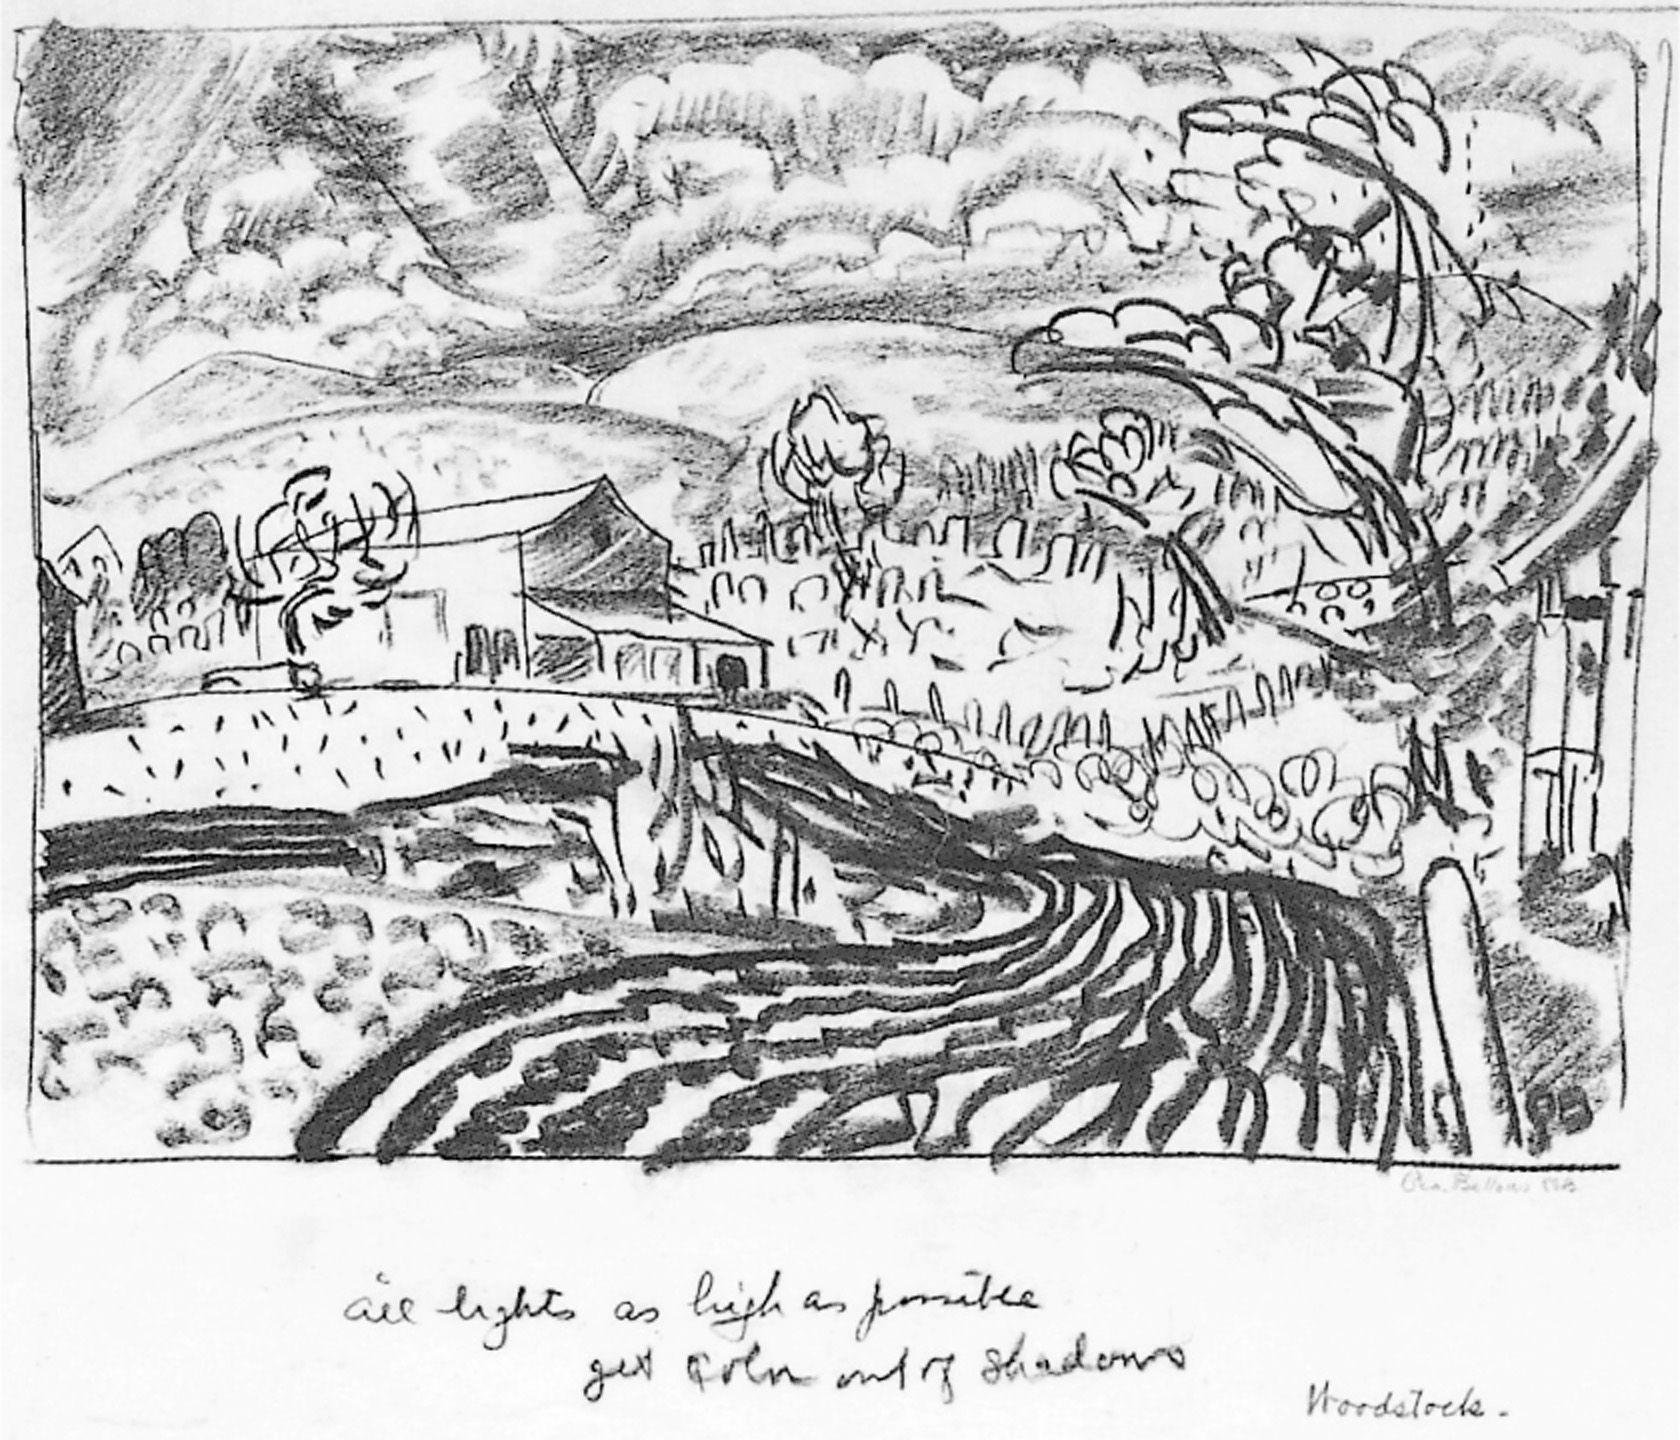 1 8 George Bellows Woodstock Road Woodstock New York